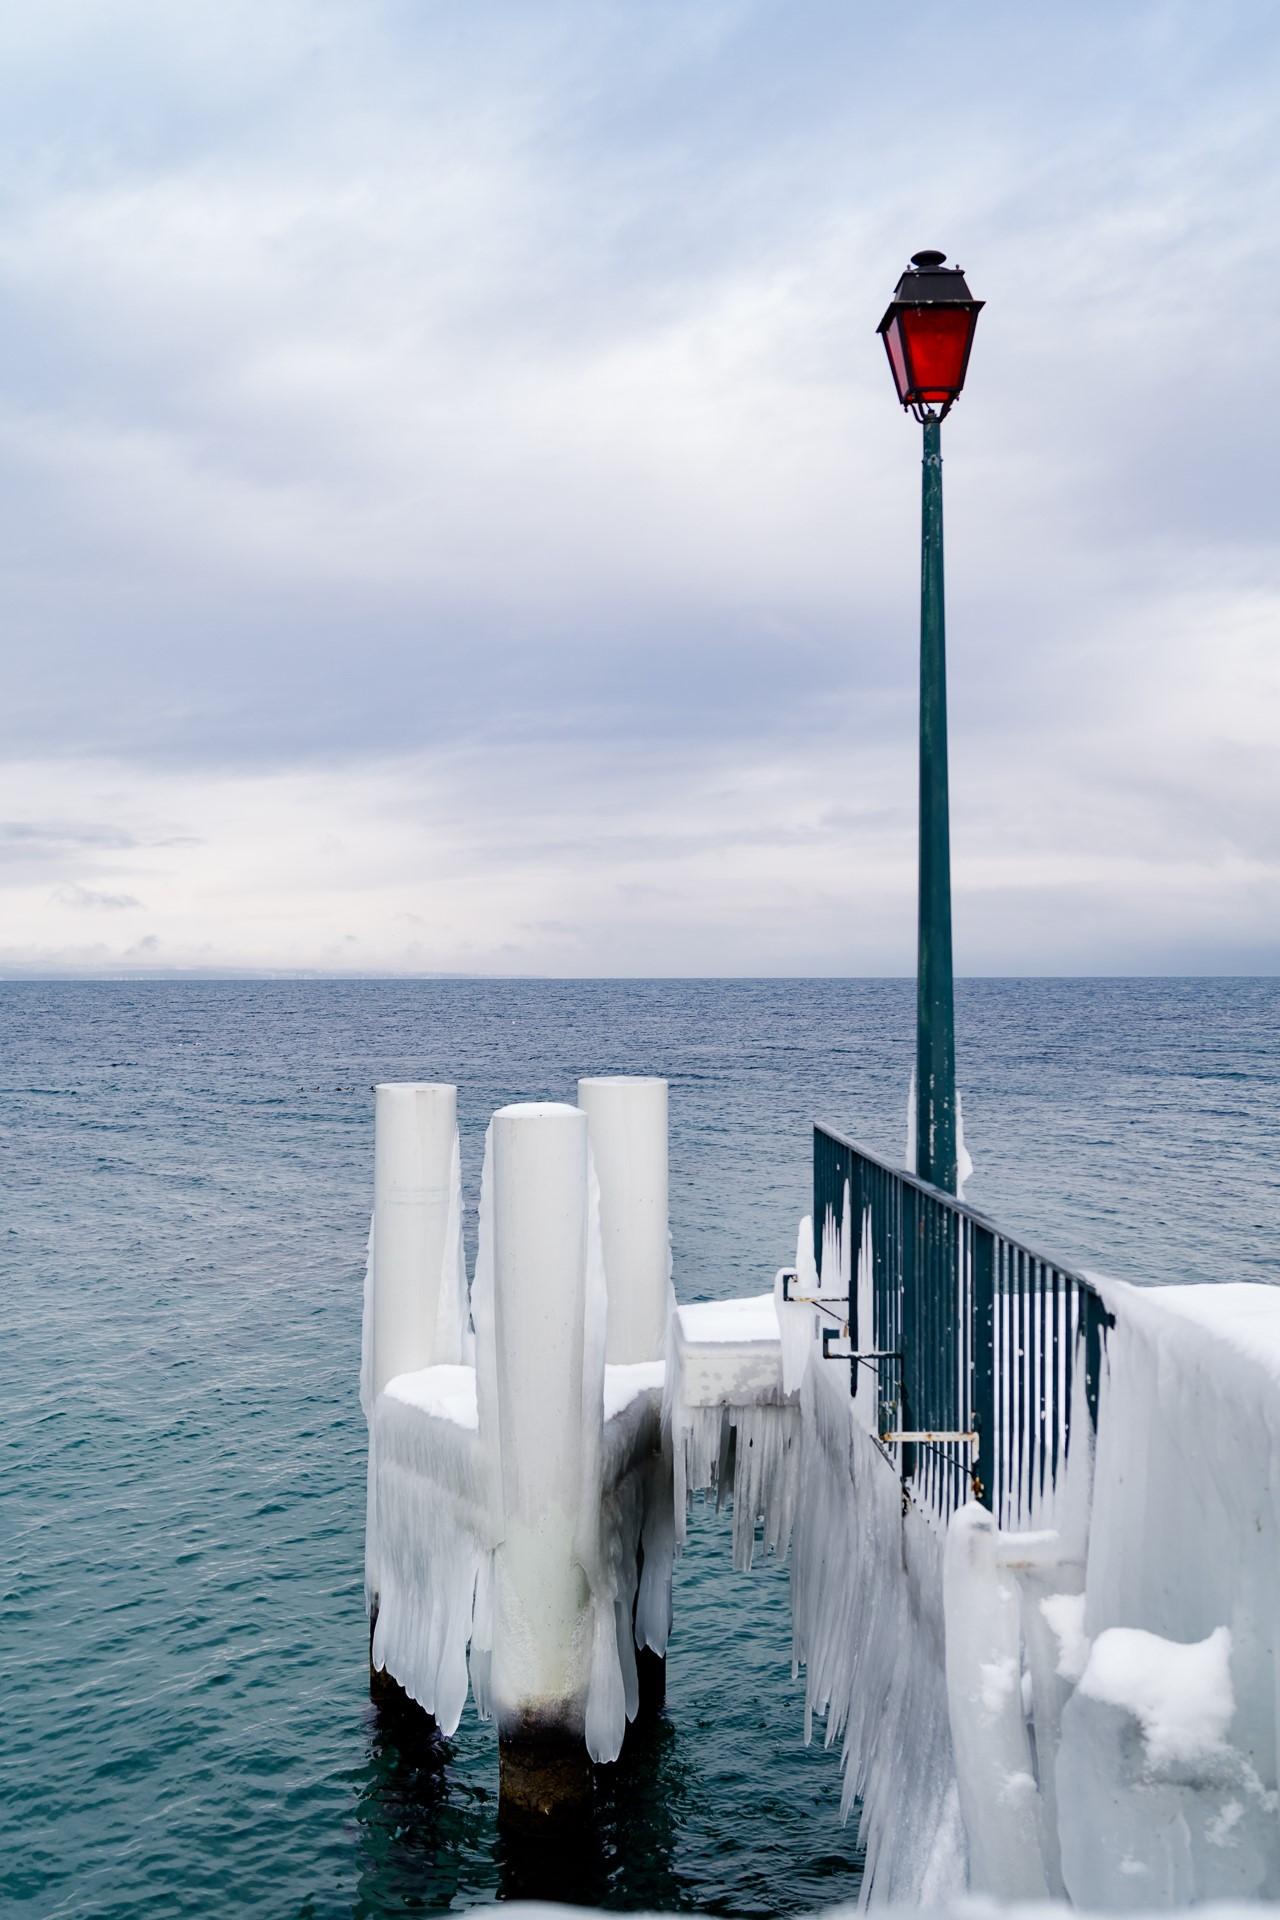 Le ponton glacé, Alexandra Chollet, Atelier Focale 16, exposition photo à l'incontournable